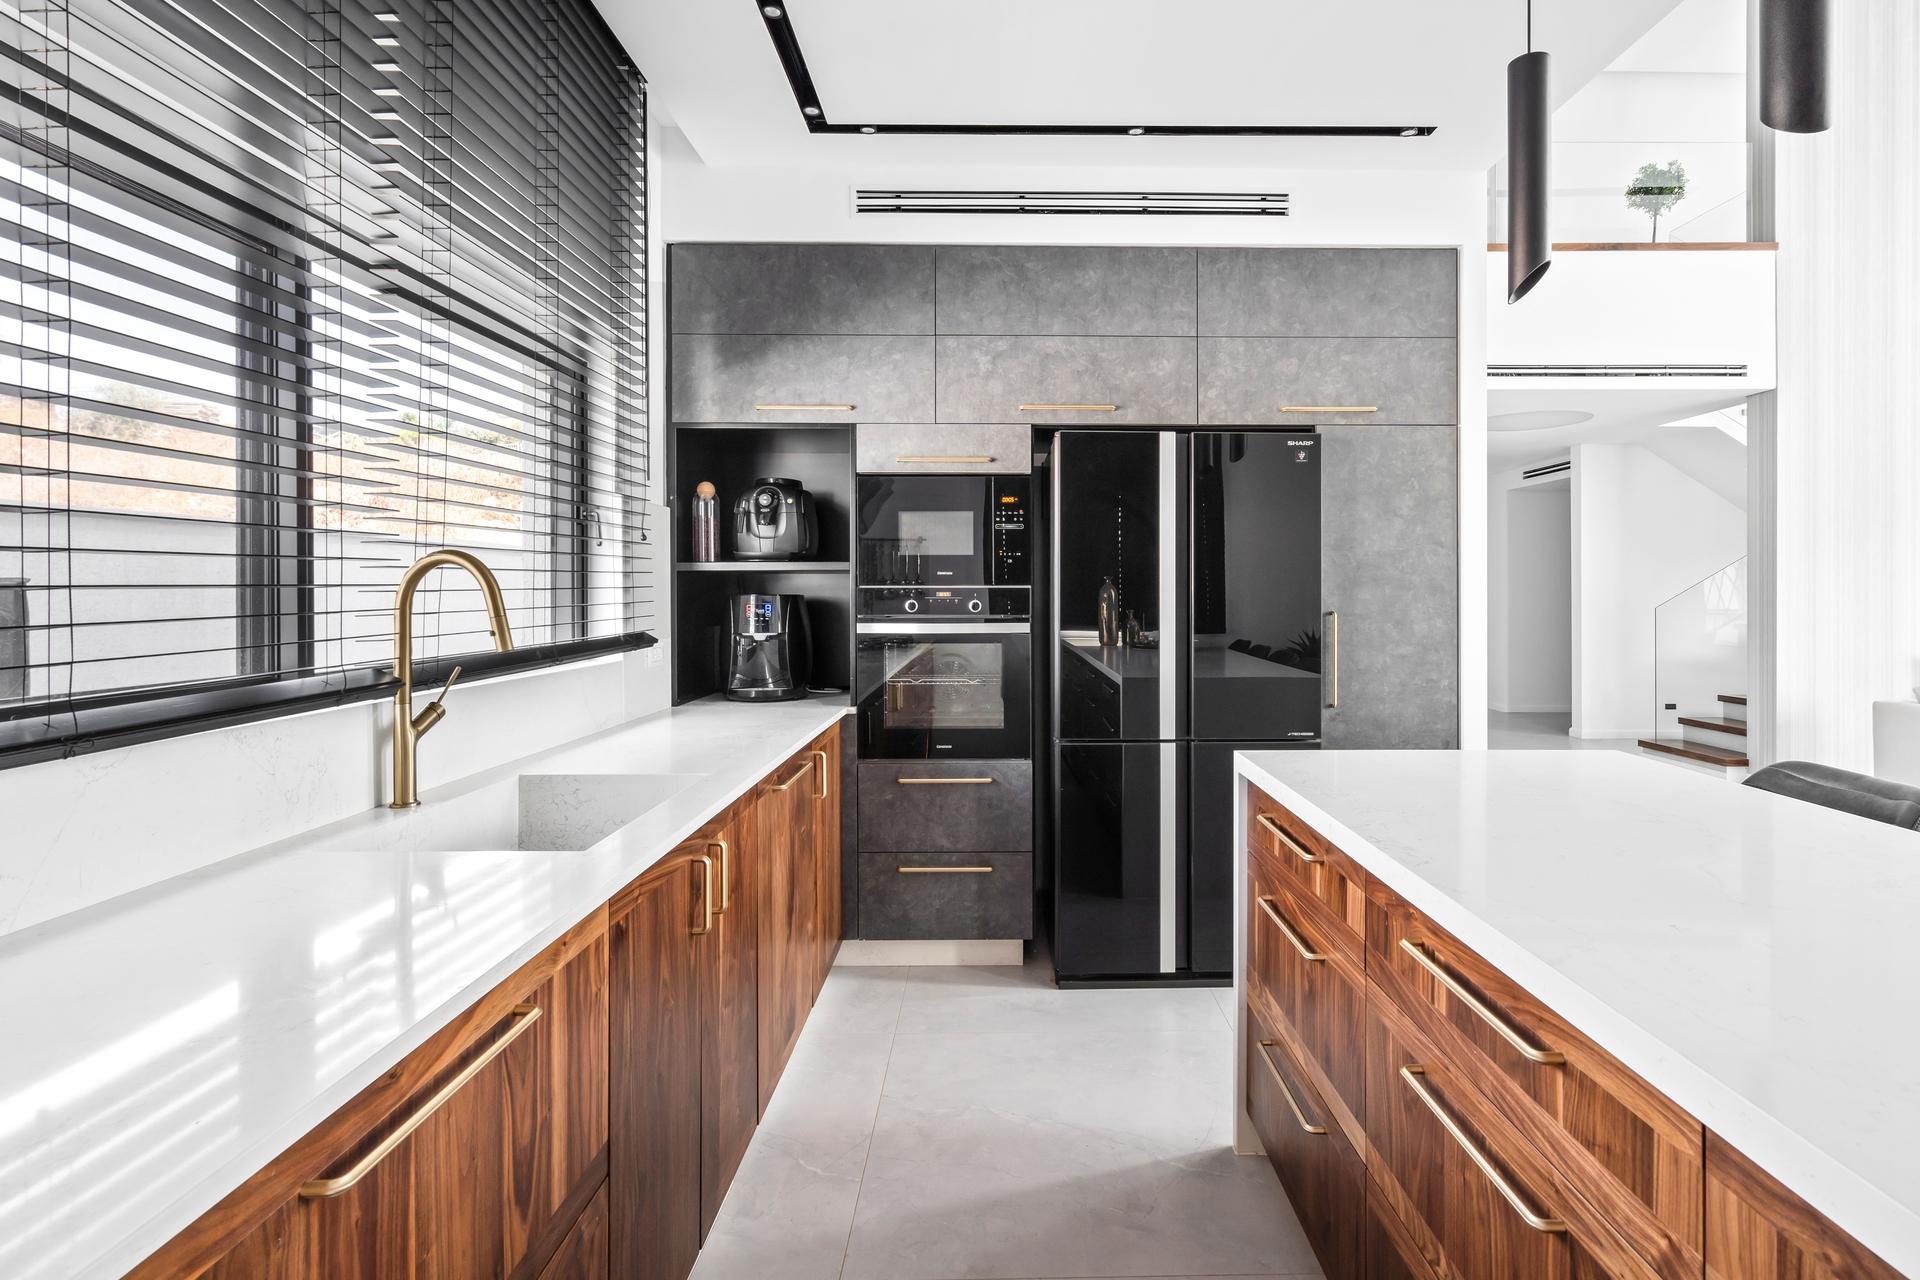 דלתות לארונות מטבח ורהיטים מבית PORTALINE | בלורן ייבוא ושיווק פרזול